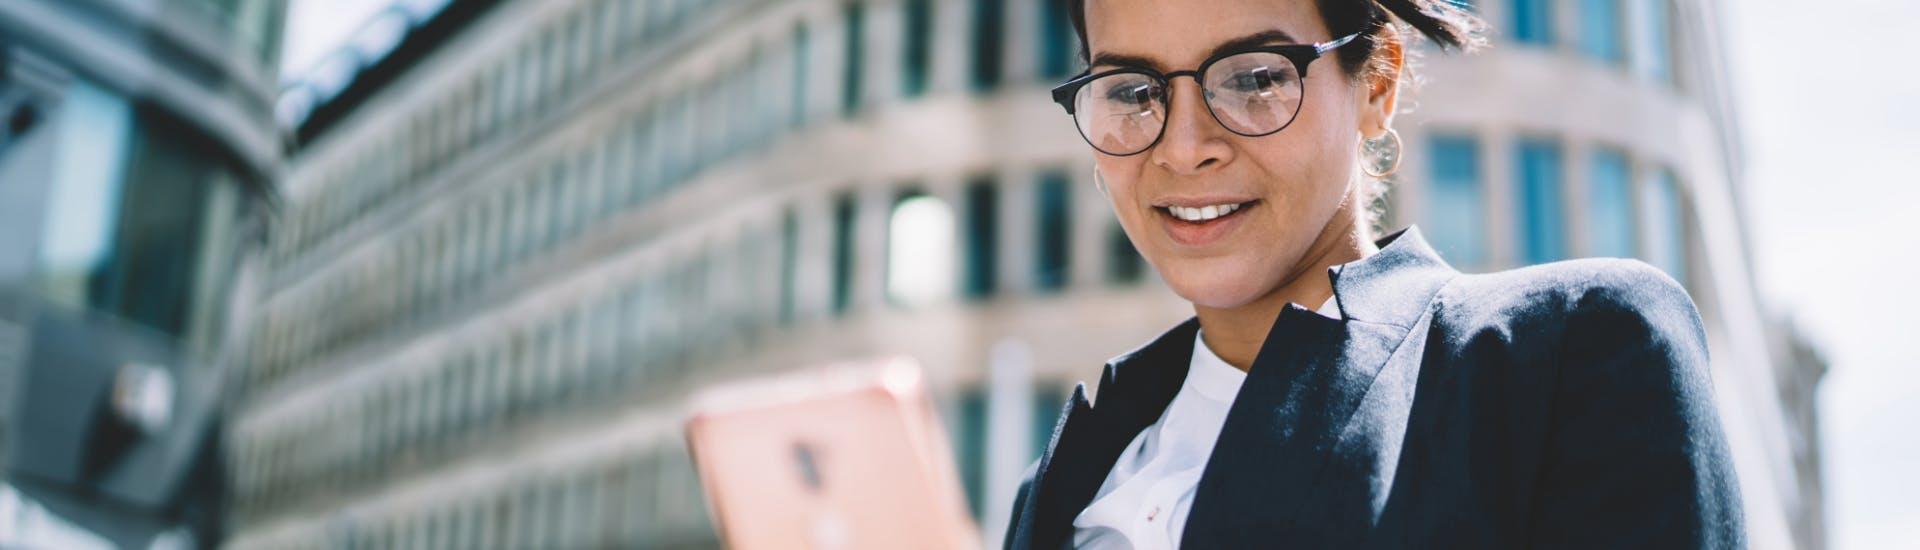 Une femme utilise l'application Visio Constat sur son smartphone pour contacter un huissier de justice.